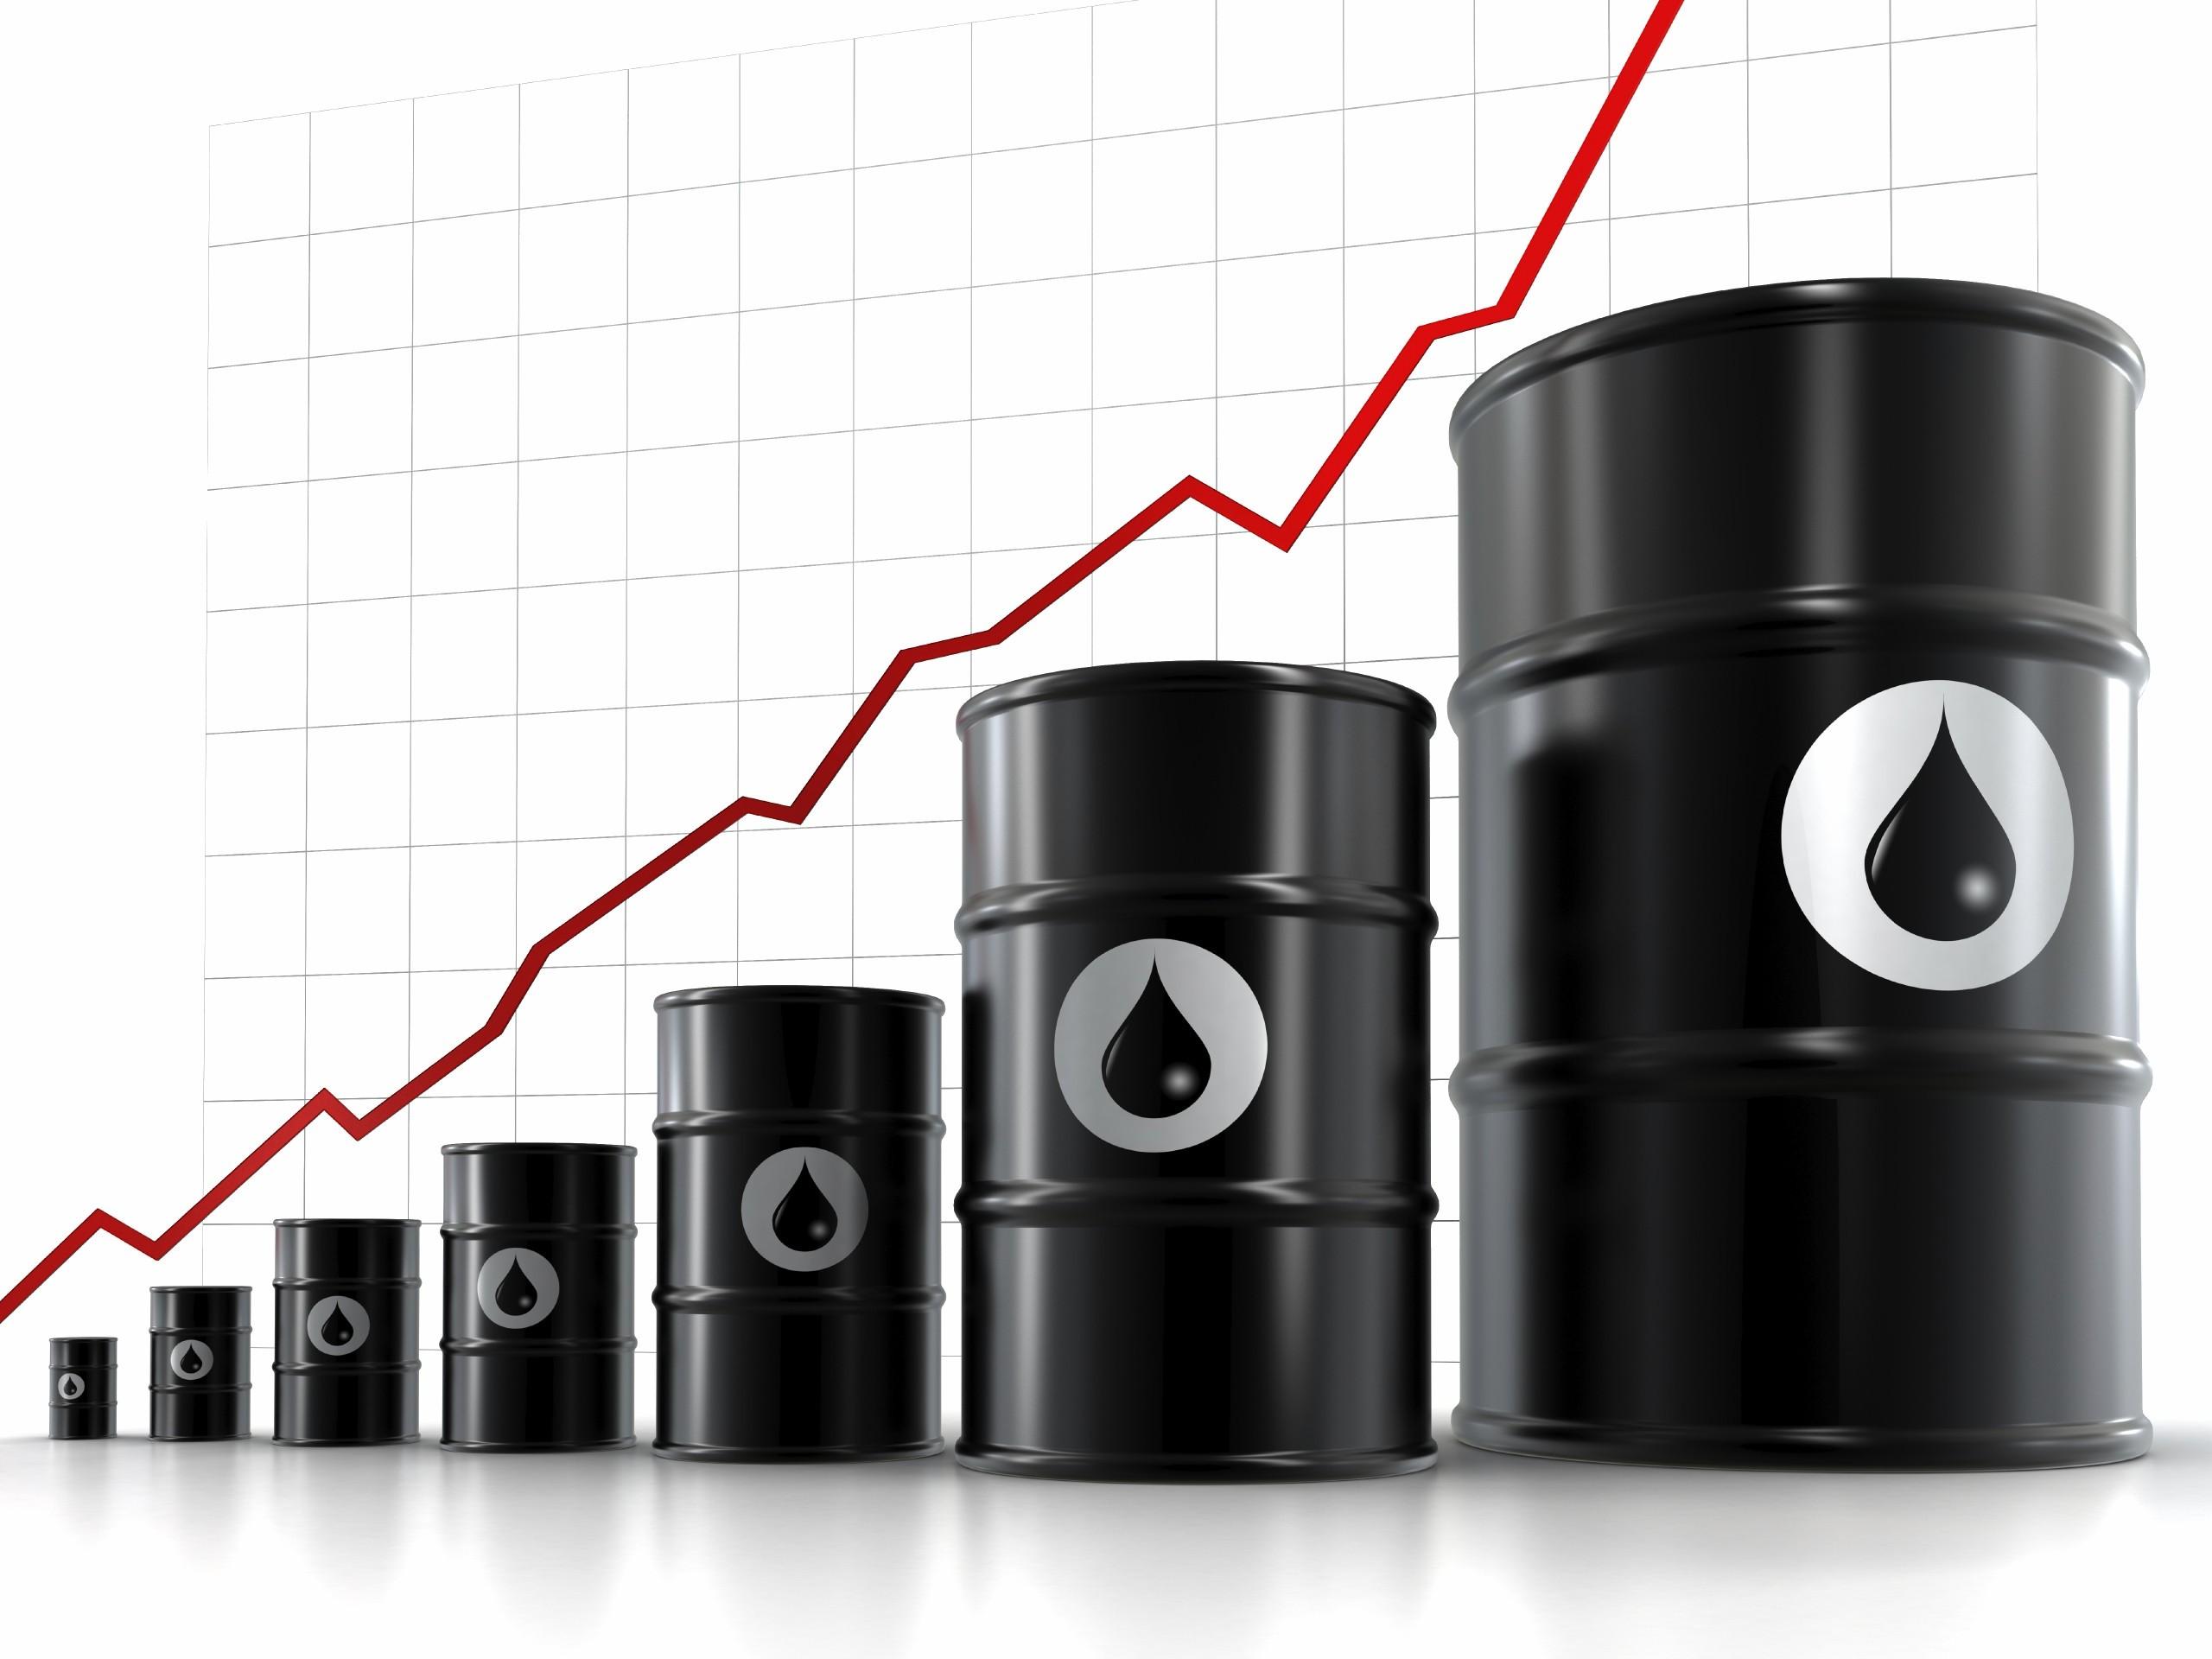 Цена нефти возвратится куровню восьмилетней давности